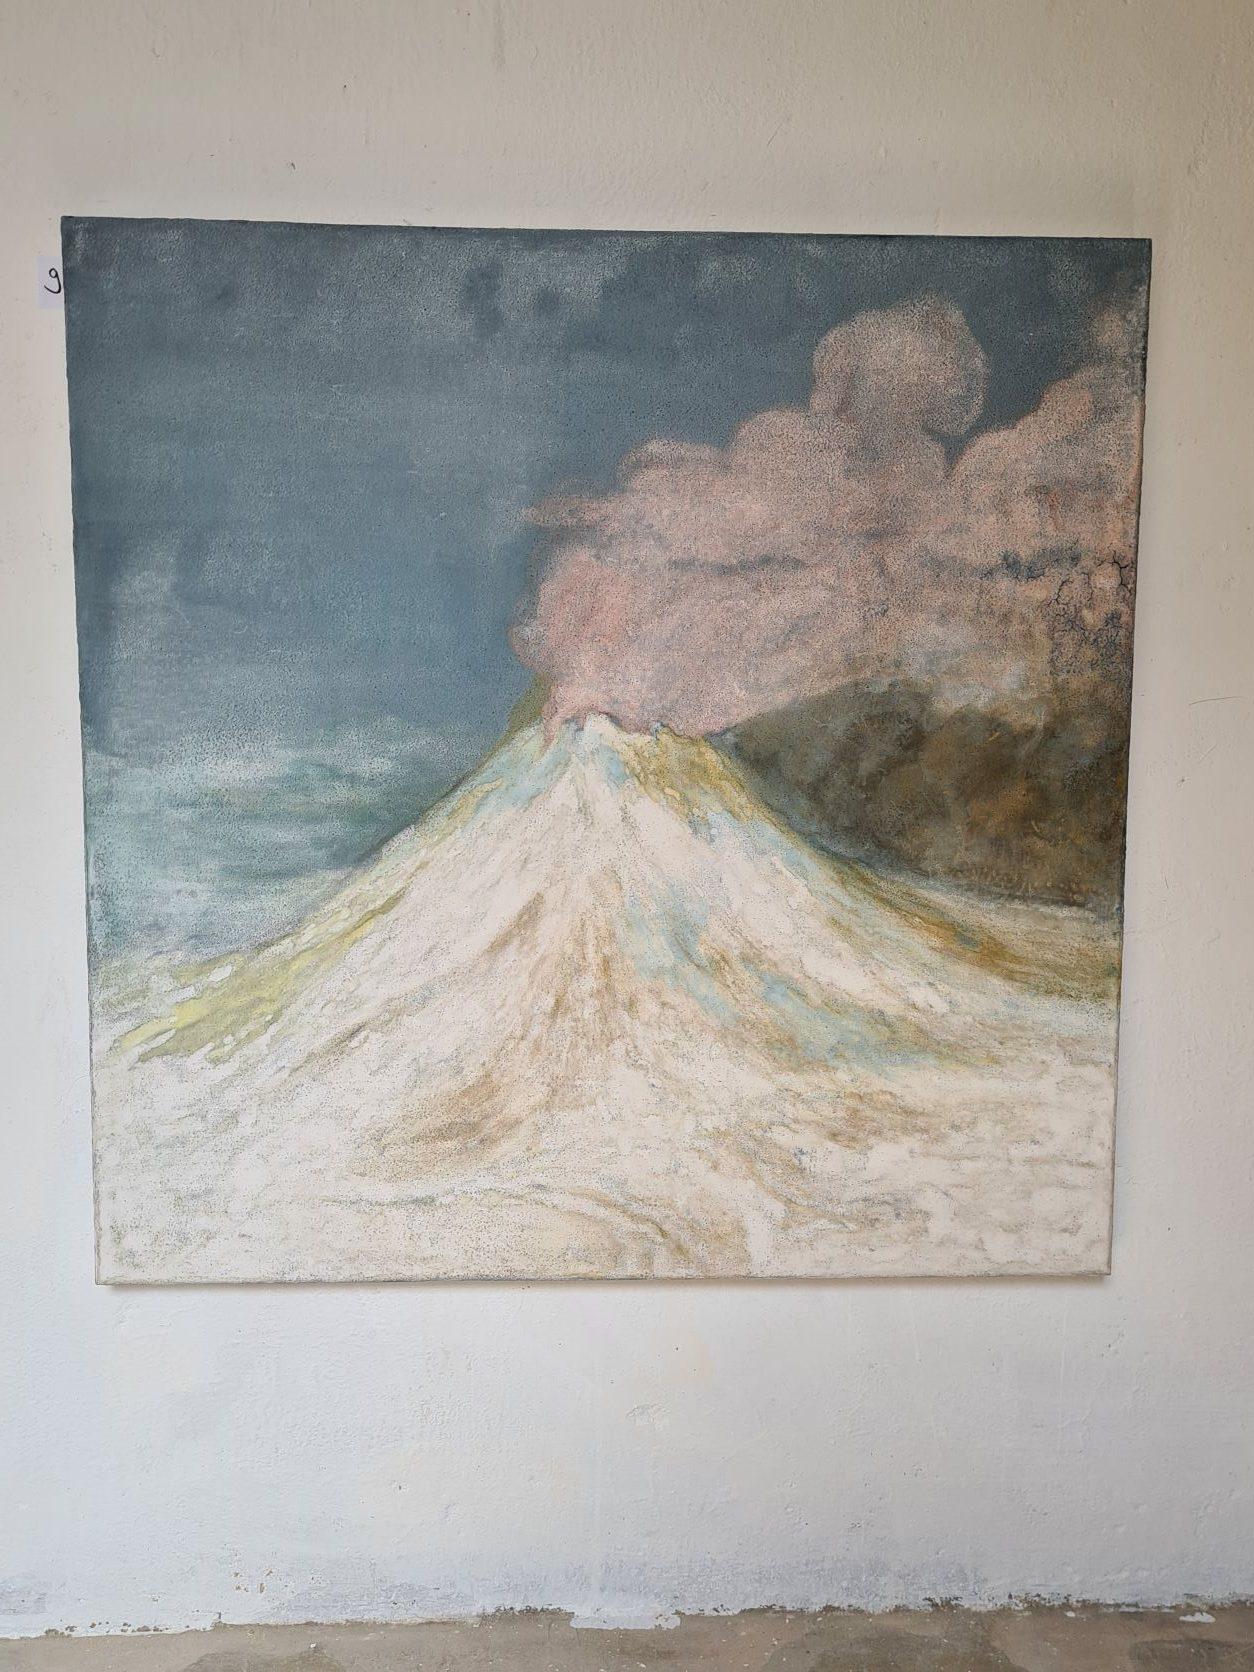 Jie Li, 2019, Fuji Weiss, Mineralpigmente auf Holz